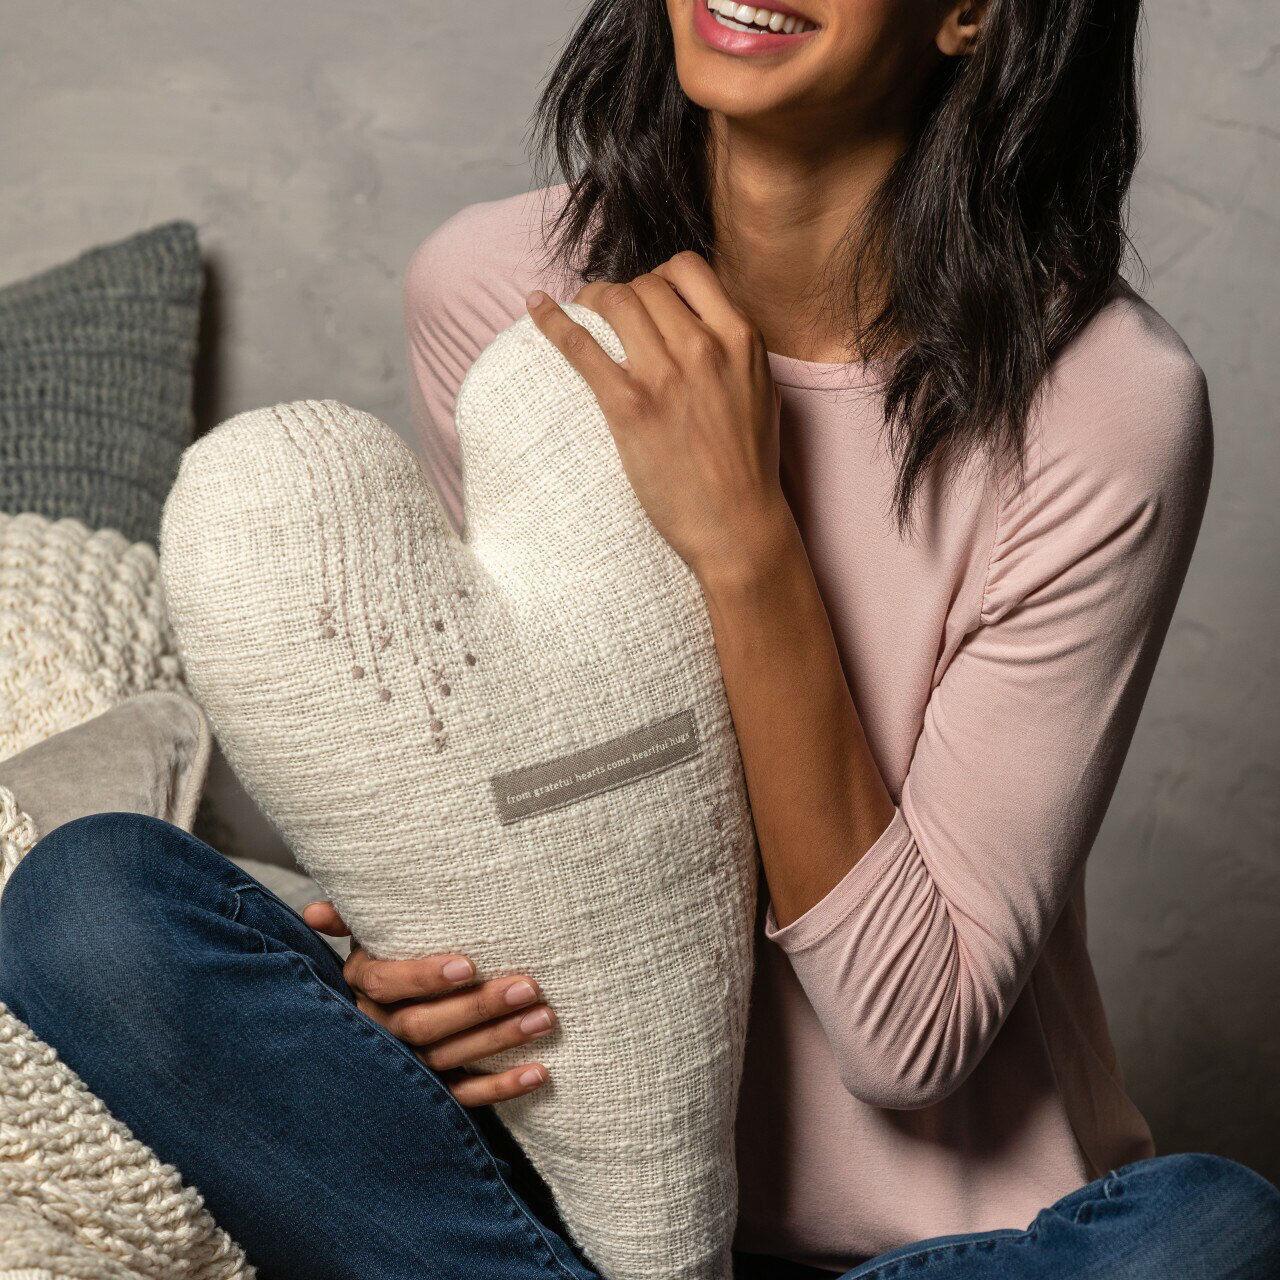 Grateful Heart Pillow by Demdaco